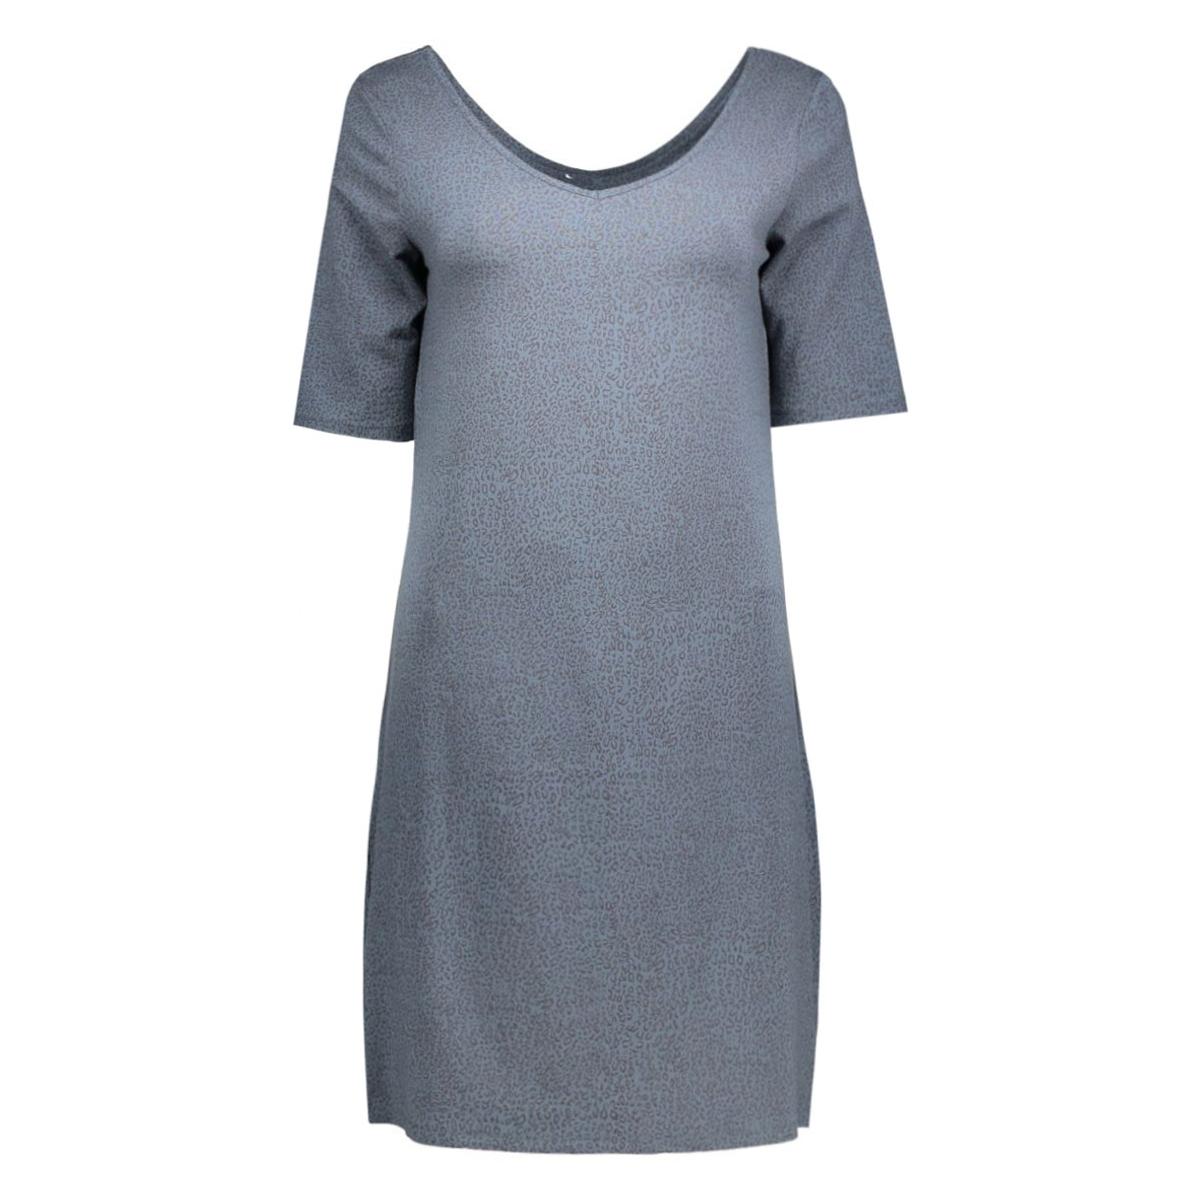 objnorly 2/4 dress 86 div 23022951 object jurk stormy weather